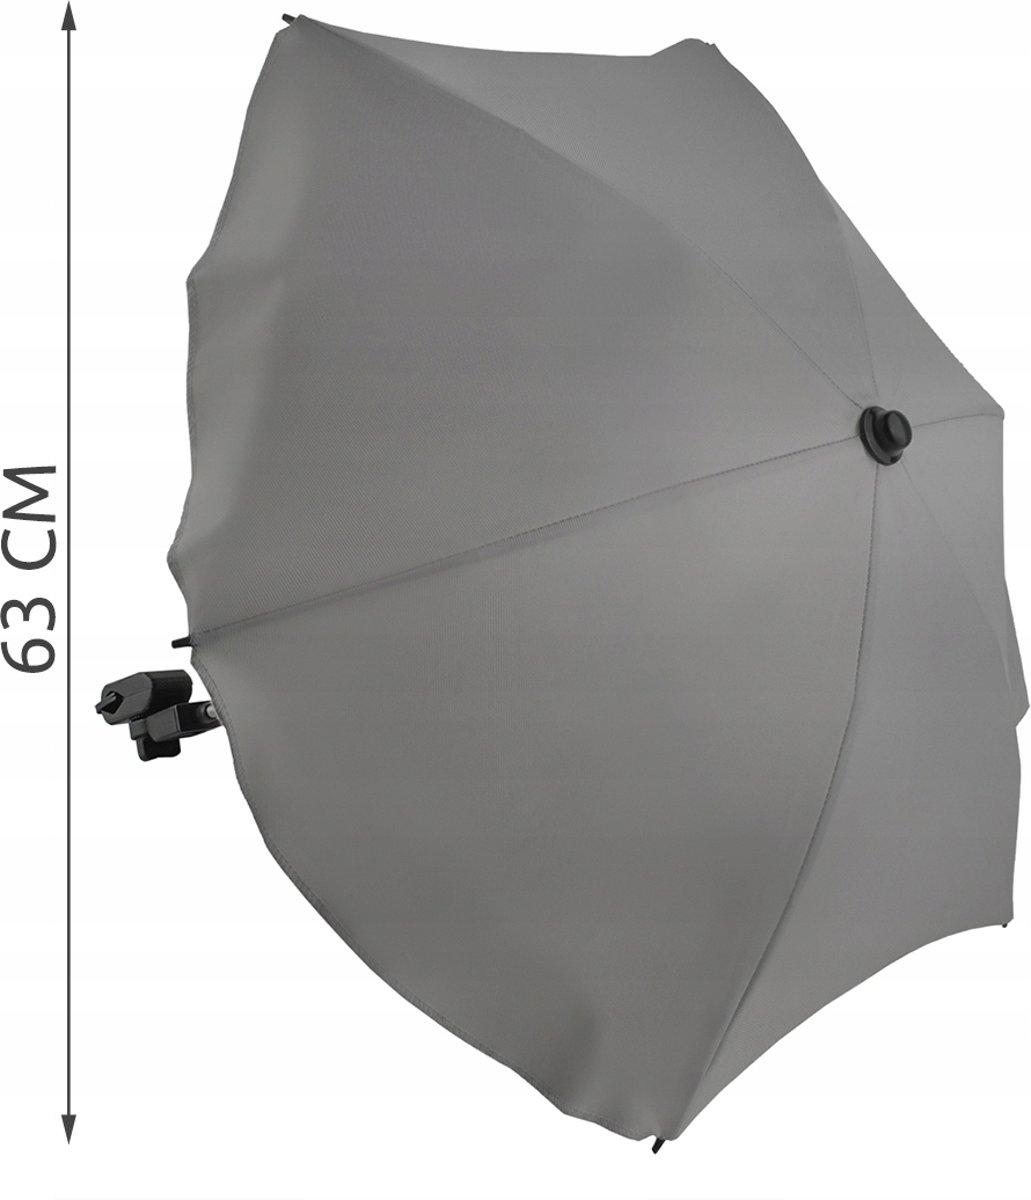 2b16e9eda01 bol.com | Universele Kinderwagen Parasol Paraplu - Baby Buggy UV  Zonnescherm Regenhoes -.